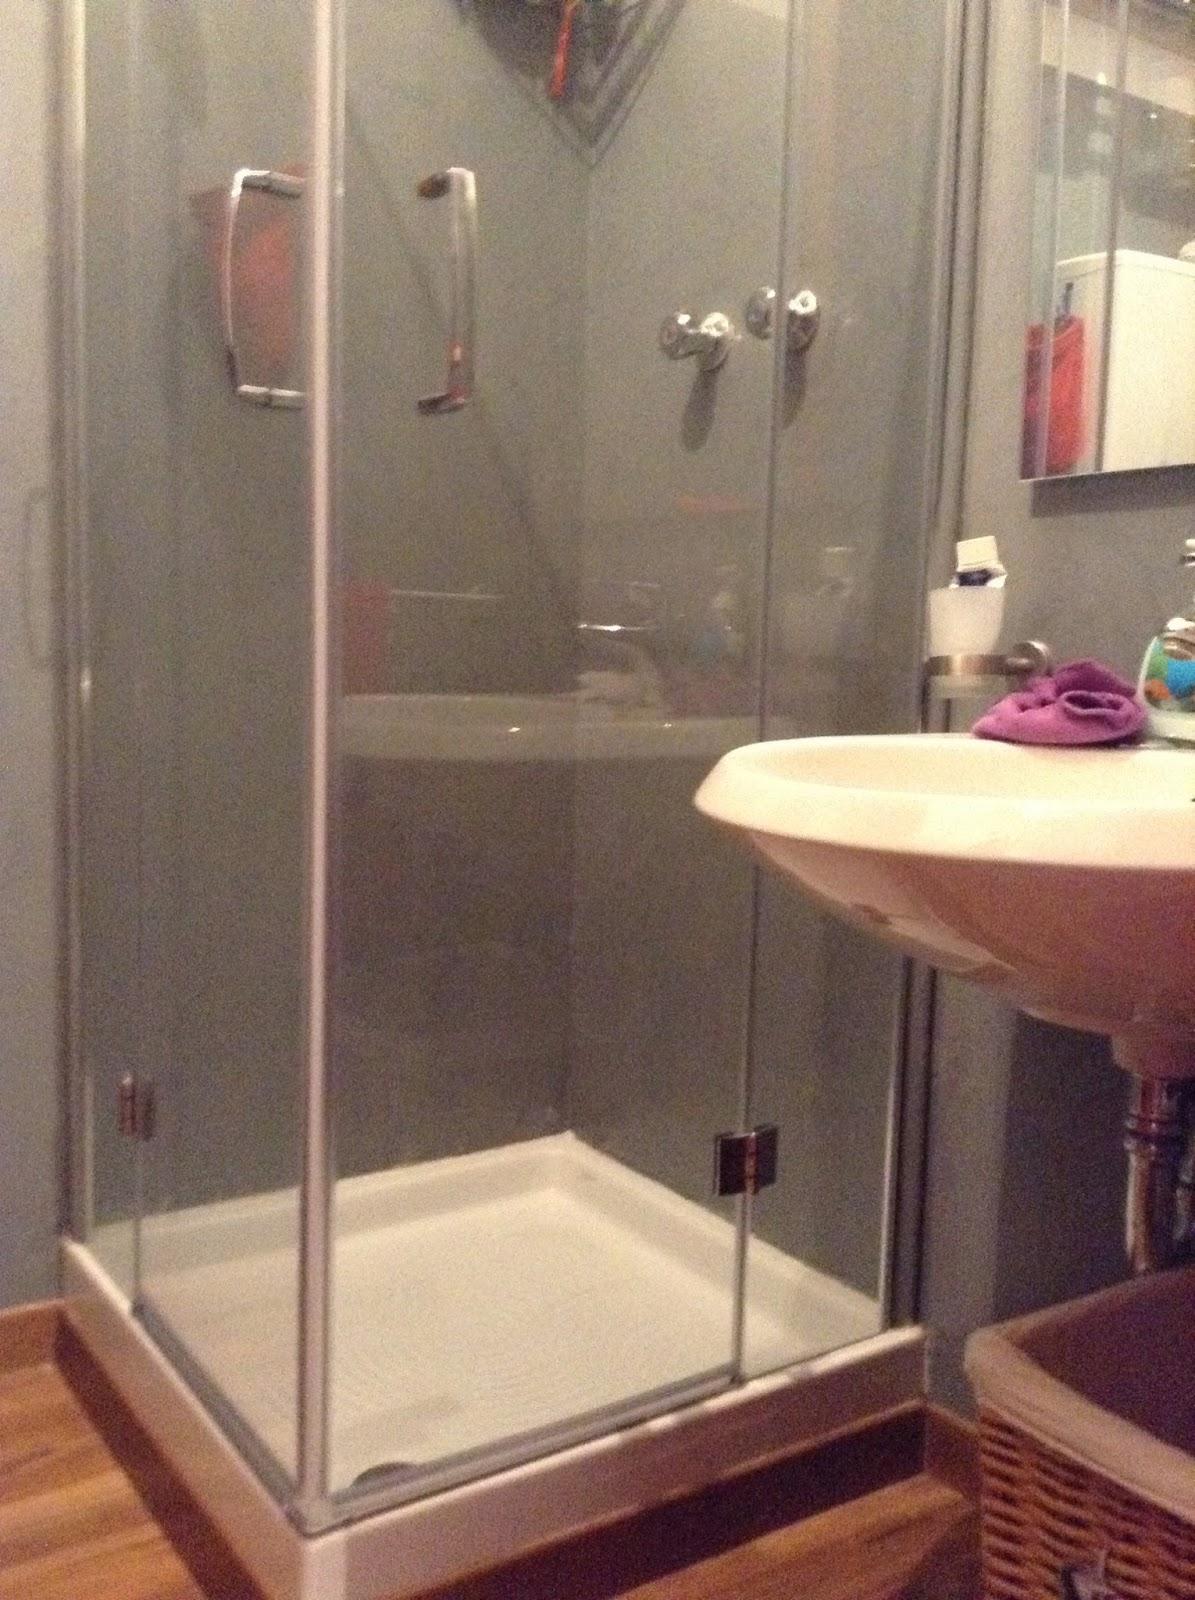 Coprire le piastrelle del bagno - Rifare il bagno del camper ...